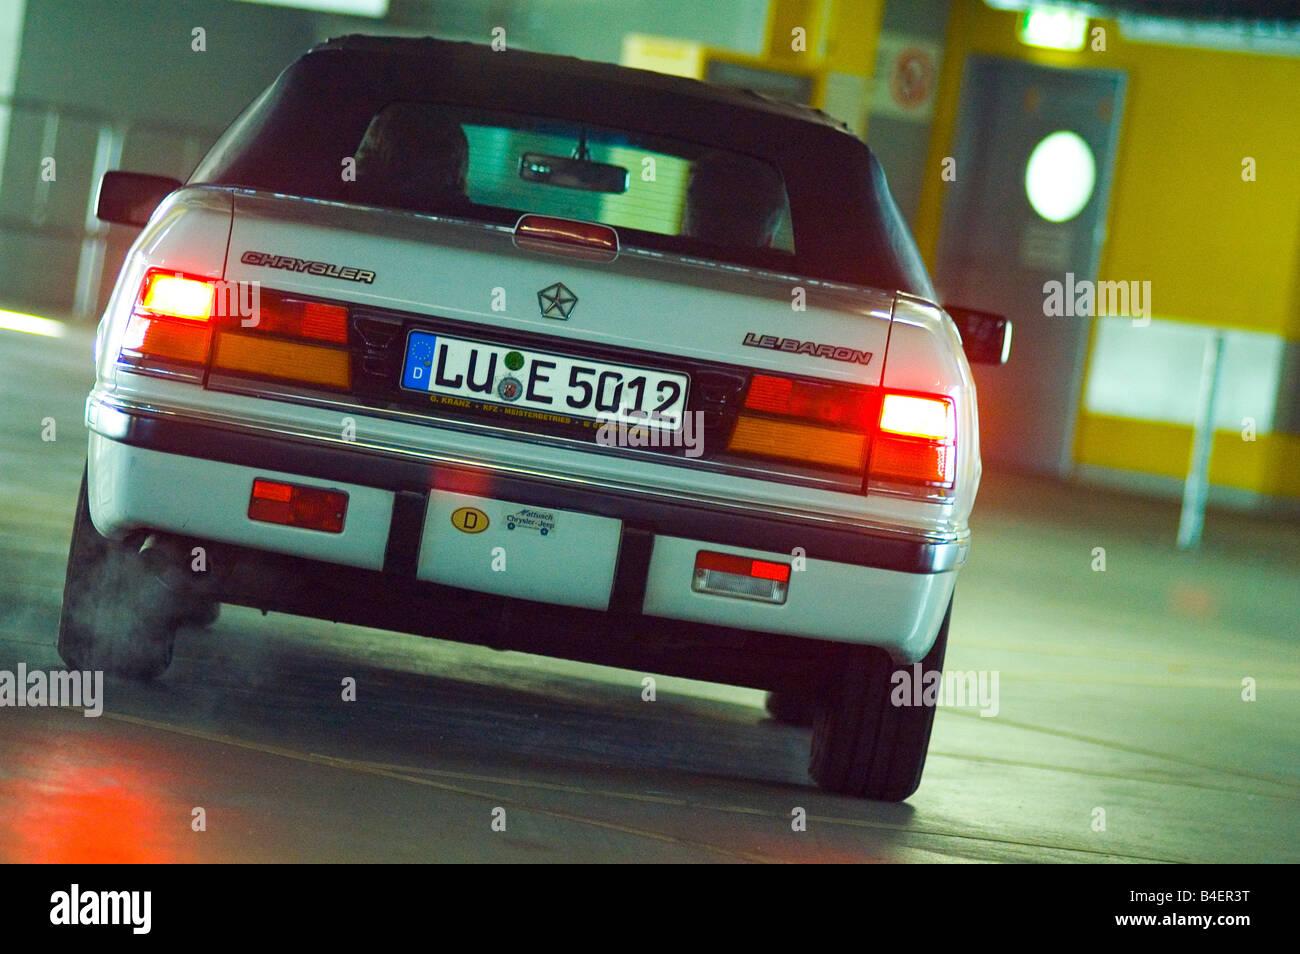 Car Chrysler Lebaron Convertible Model Stock Photos & Car Chrysler ...